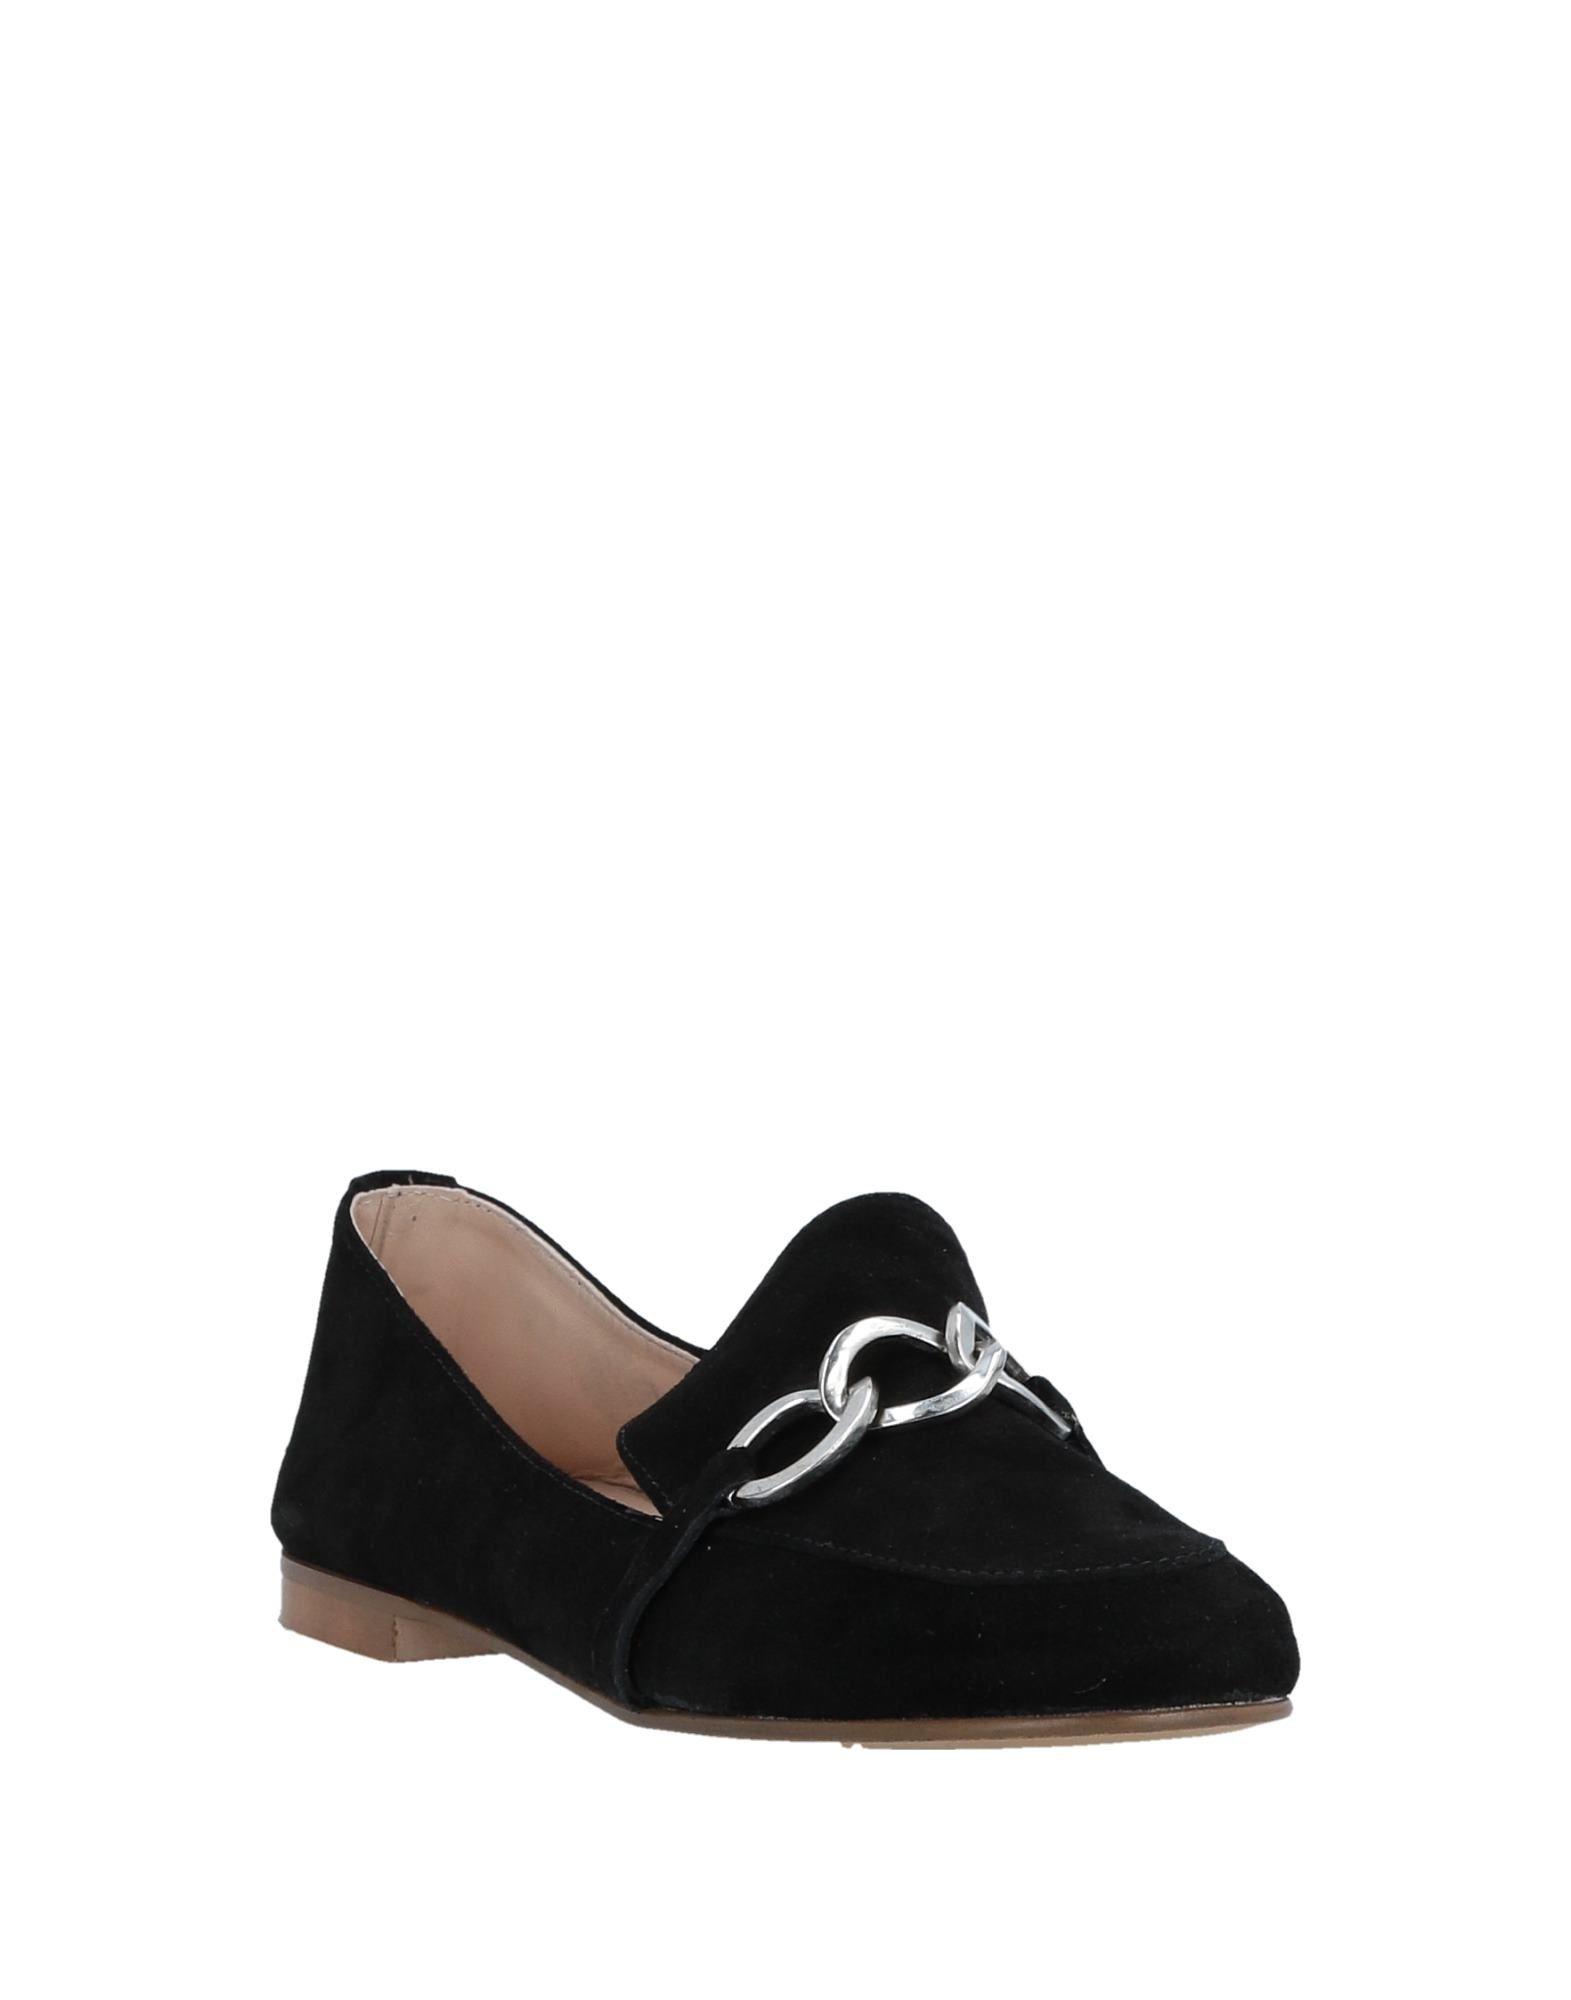 Gut um Mokassins billige Schuhe zu tragenCantarelli Mokassins um Damen  11516902FL 4ed1de